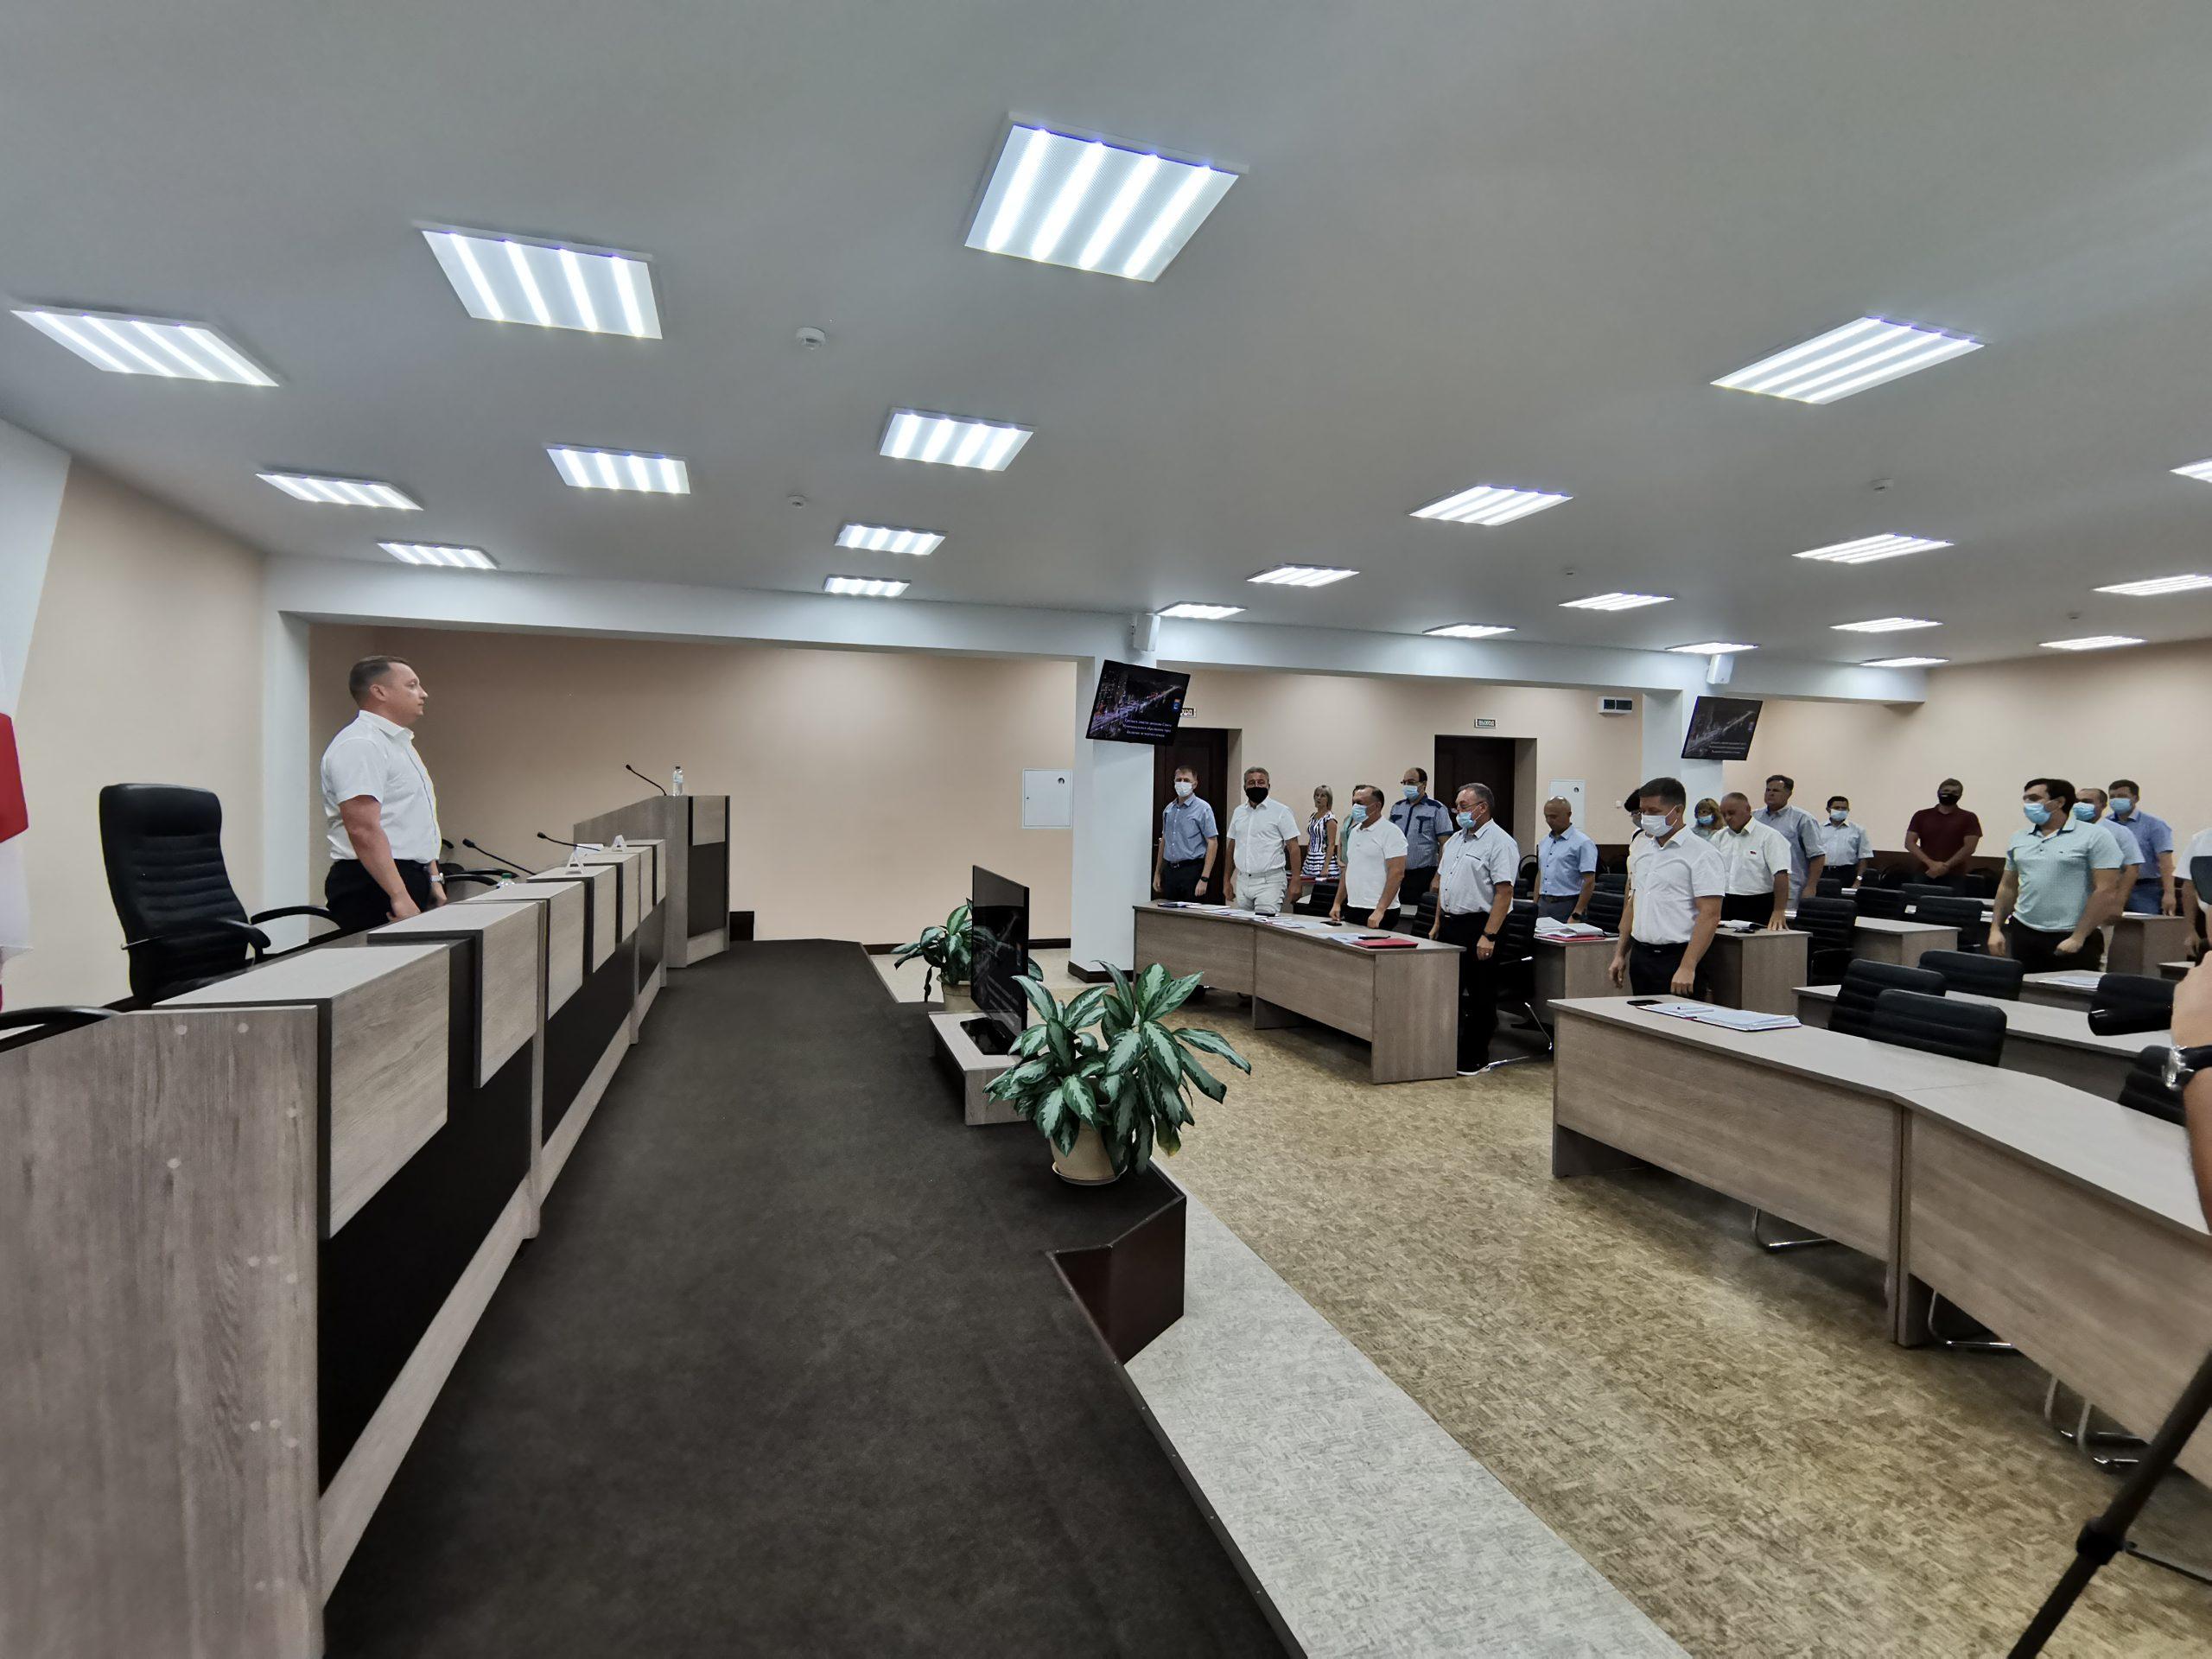 23 июля 2021 года состоялось очередное заседание комитета и Совета муниципального образования город Балаково